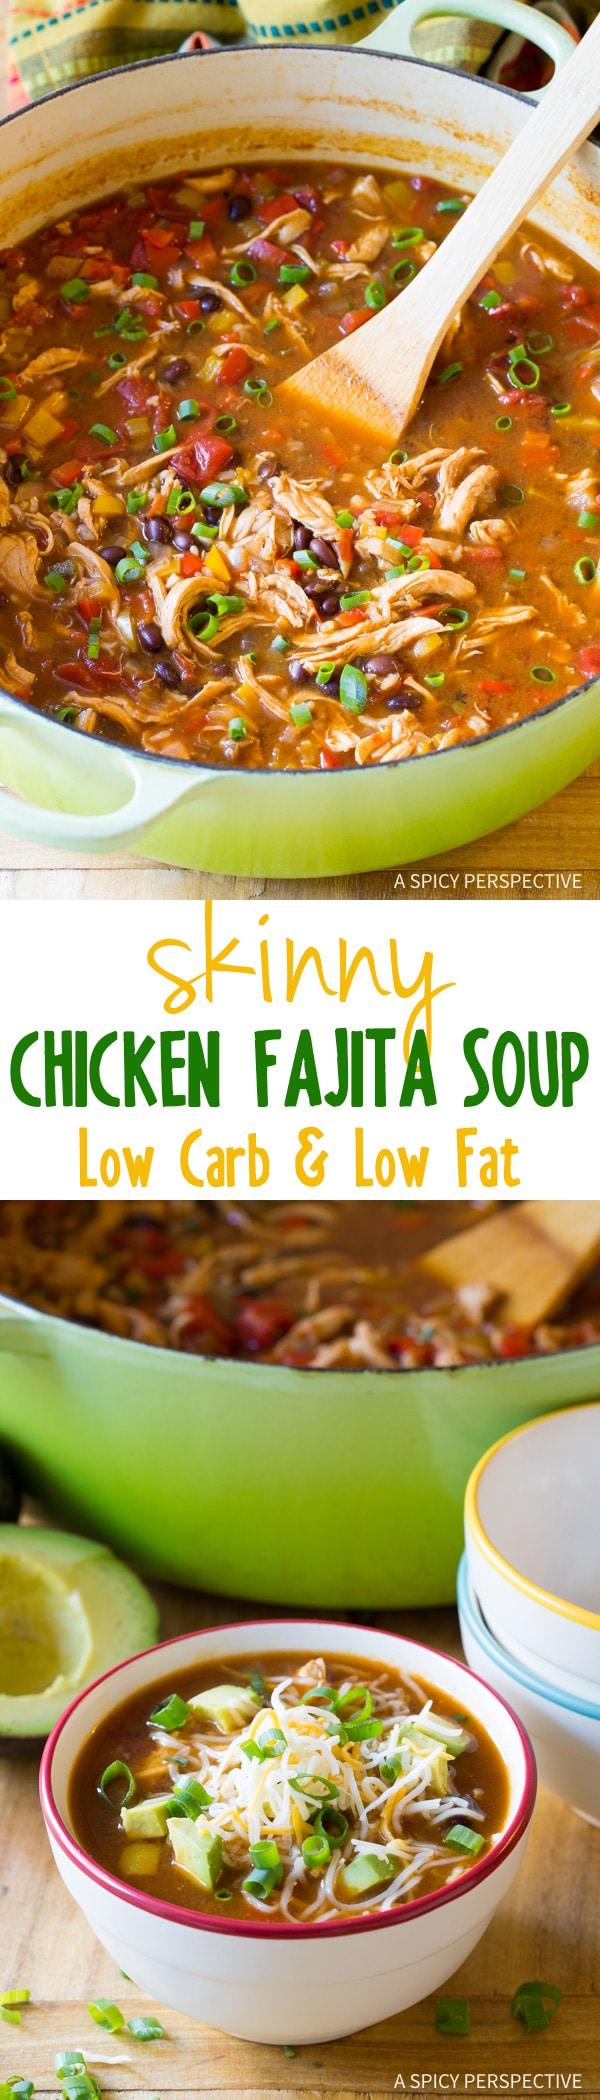 Skinny Chicken Fajita Soup , a zesty low fat, gluten free meal with an ...